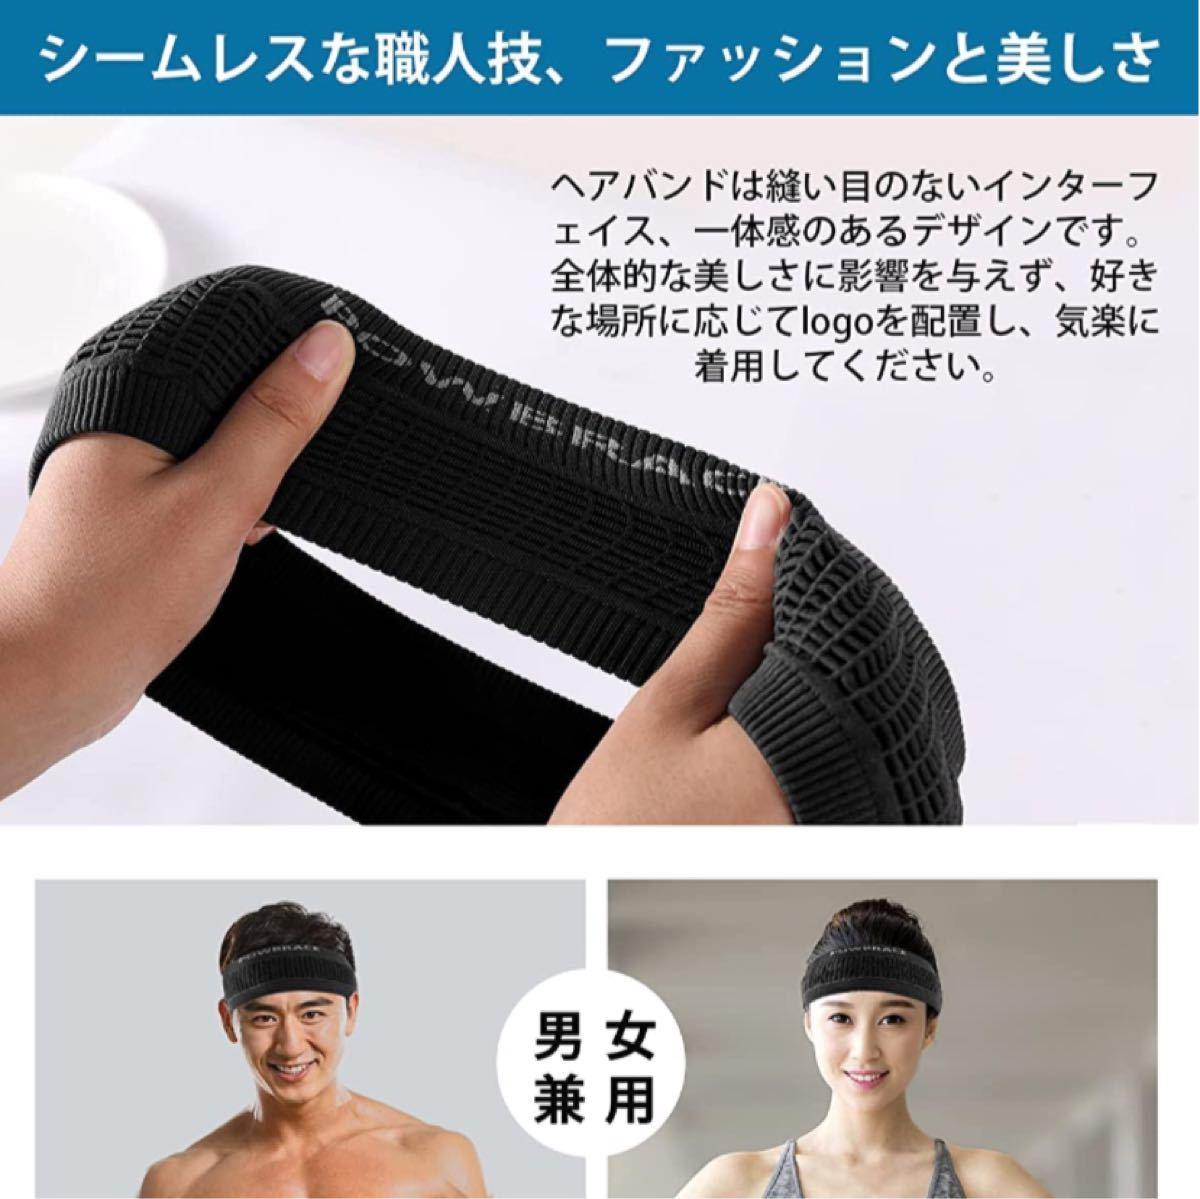 ヘッドバンド ヘアバンド【吸汗速乾・高弾力できつくない】スポーツ用 薄型 メンズ 伸縮性抜群 通気性あり